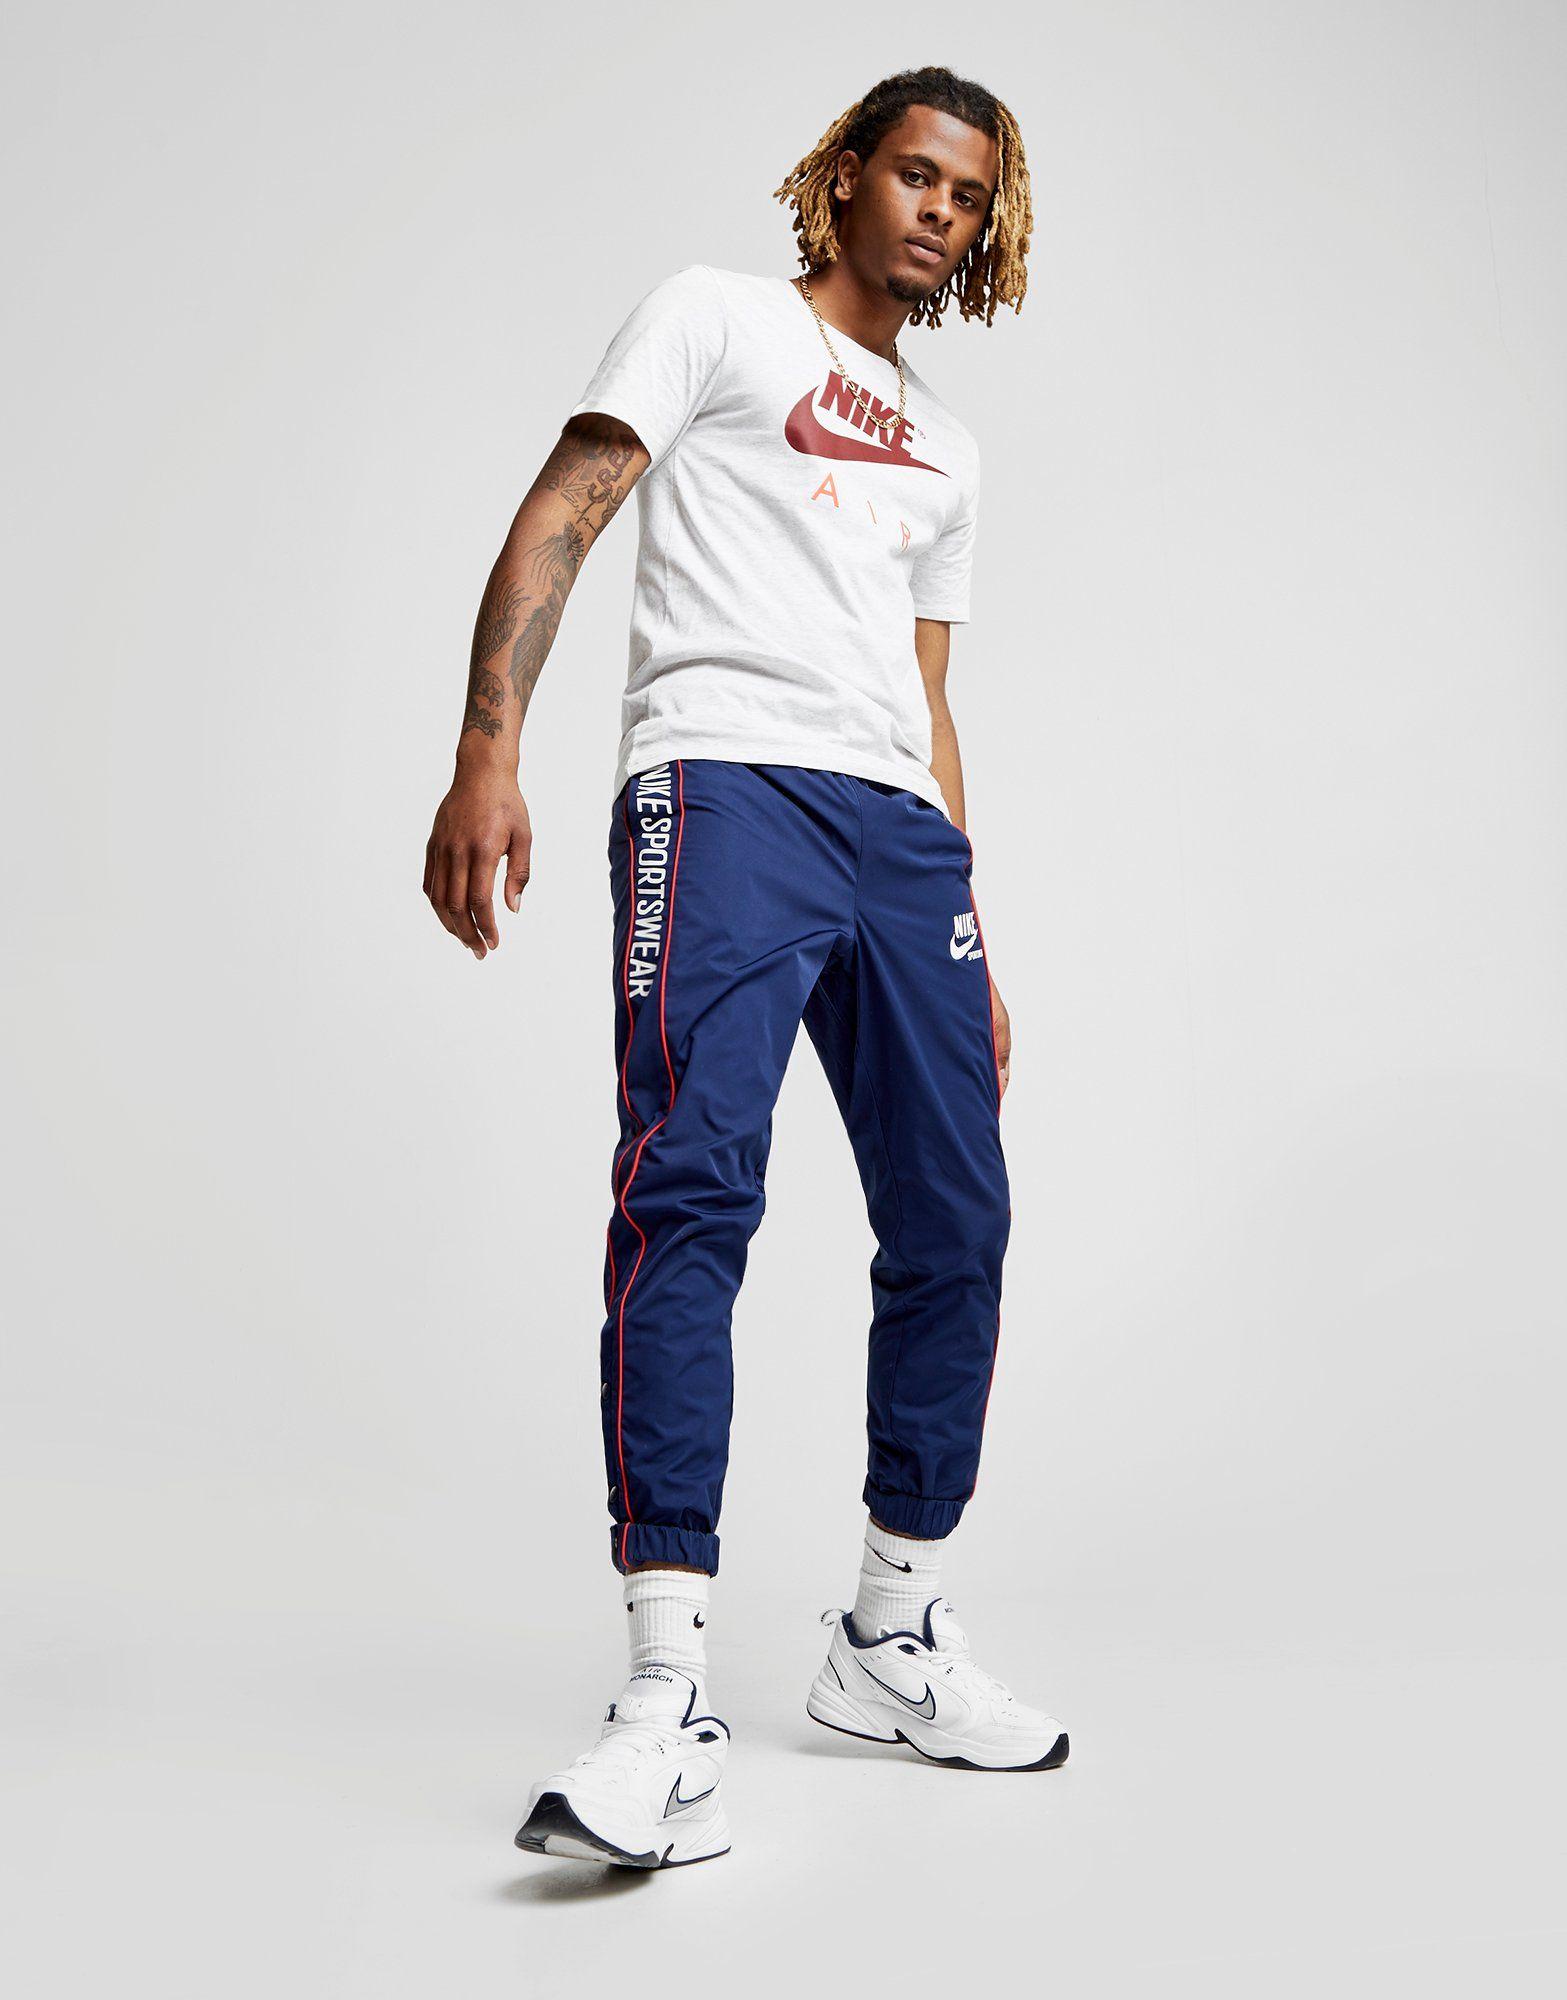 Top Qualität Spielraum Billig Echt Nike Air Futura T-Shirt Weiss 2018 Unisex Günstiger Preis Pick Ein Besten Zum Verkauf 5PhwaQN